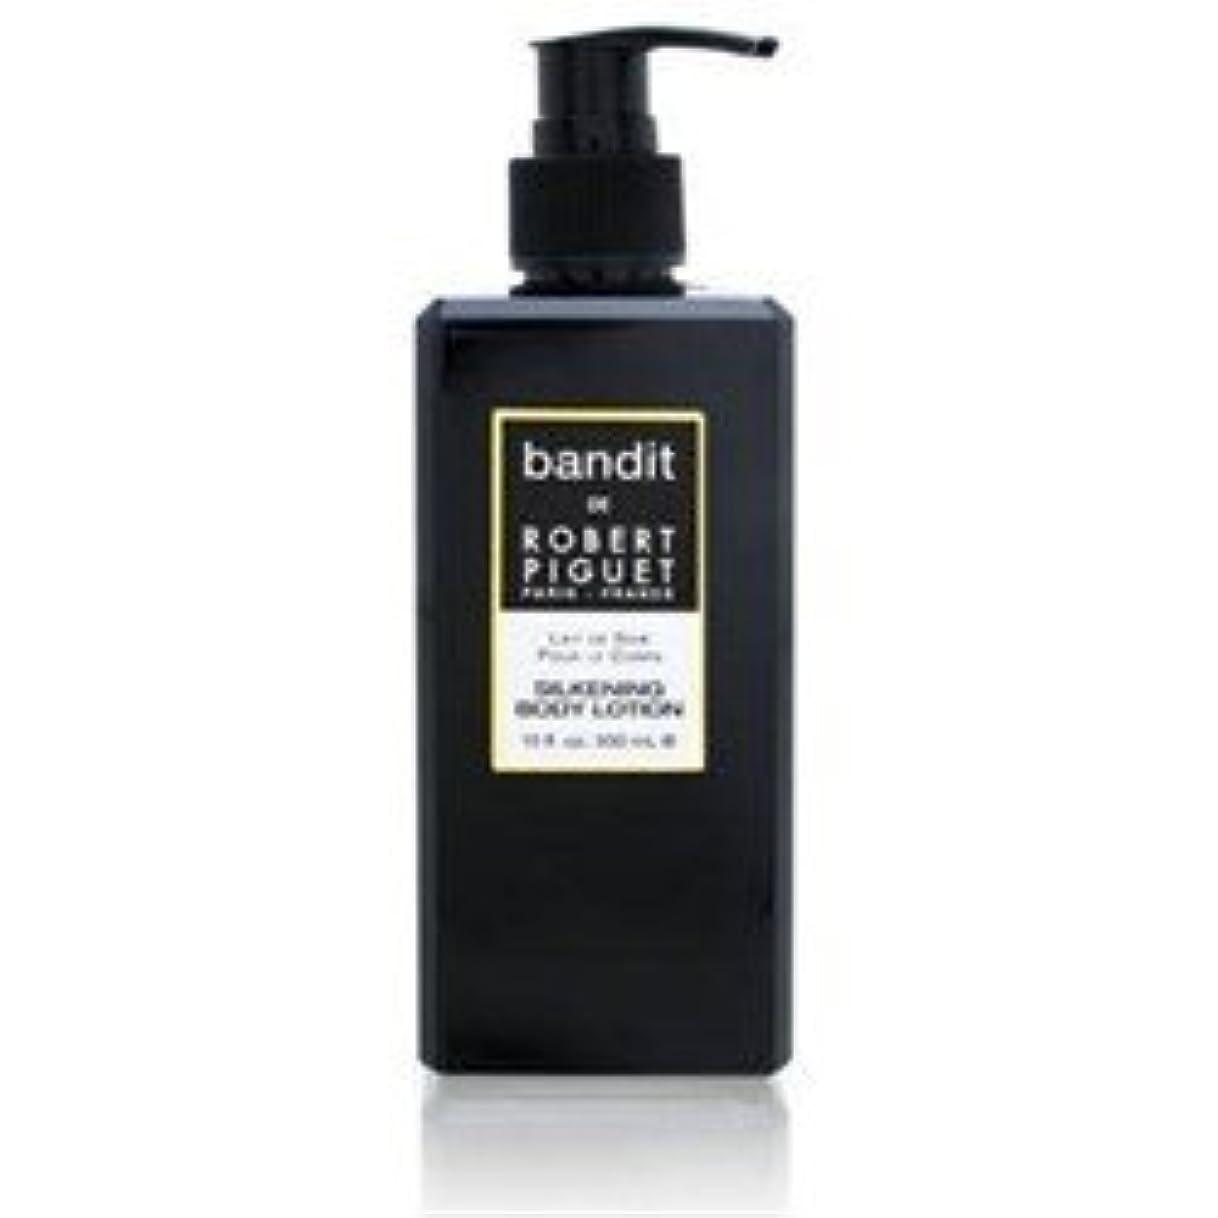 ワゴンかご同志Bandit (バンディット)10 oz (300ml) Body Lotion (ボディーローション) by Robert Piguet for Women